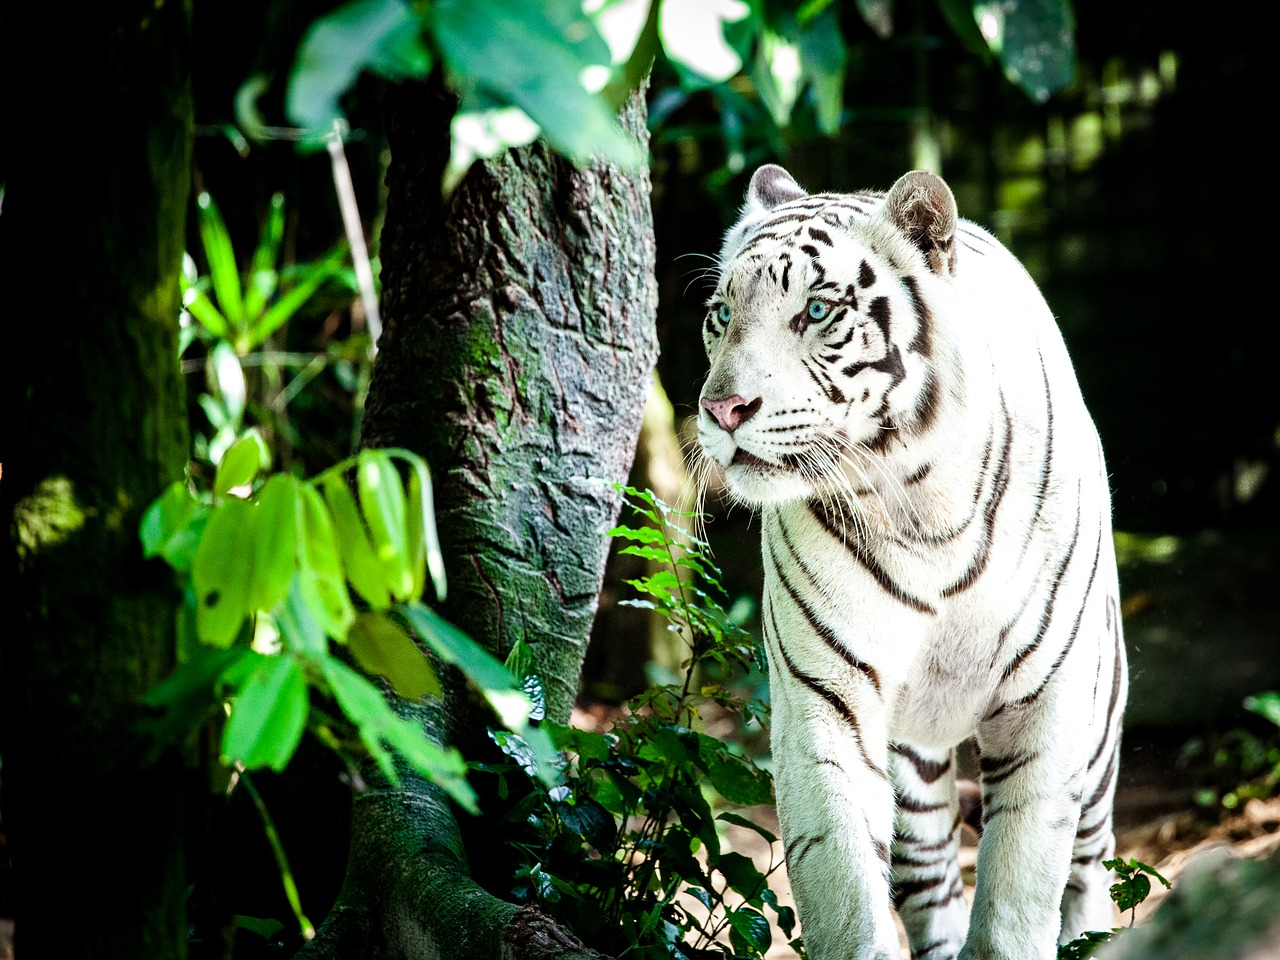 シンガポール動物園の魅力・行き方について!世界一美しい動物園で檻がない!?